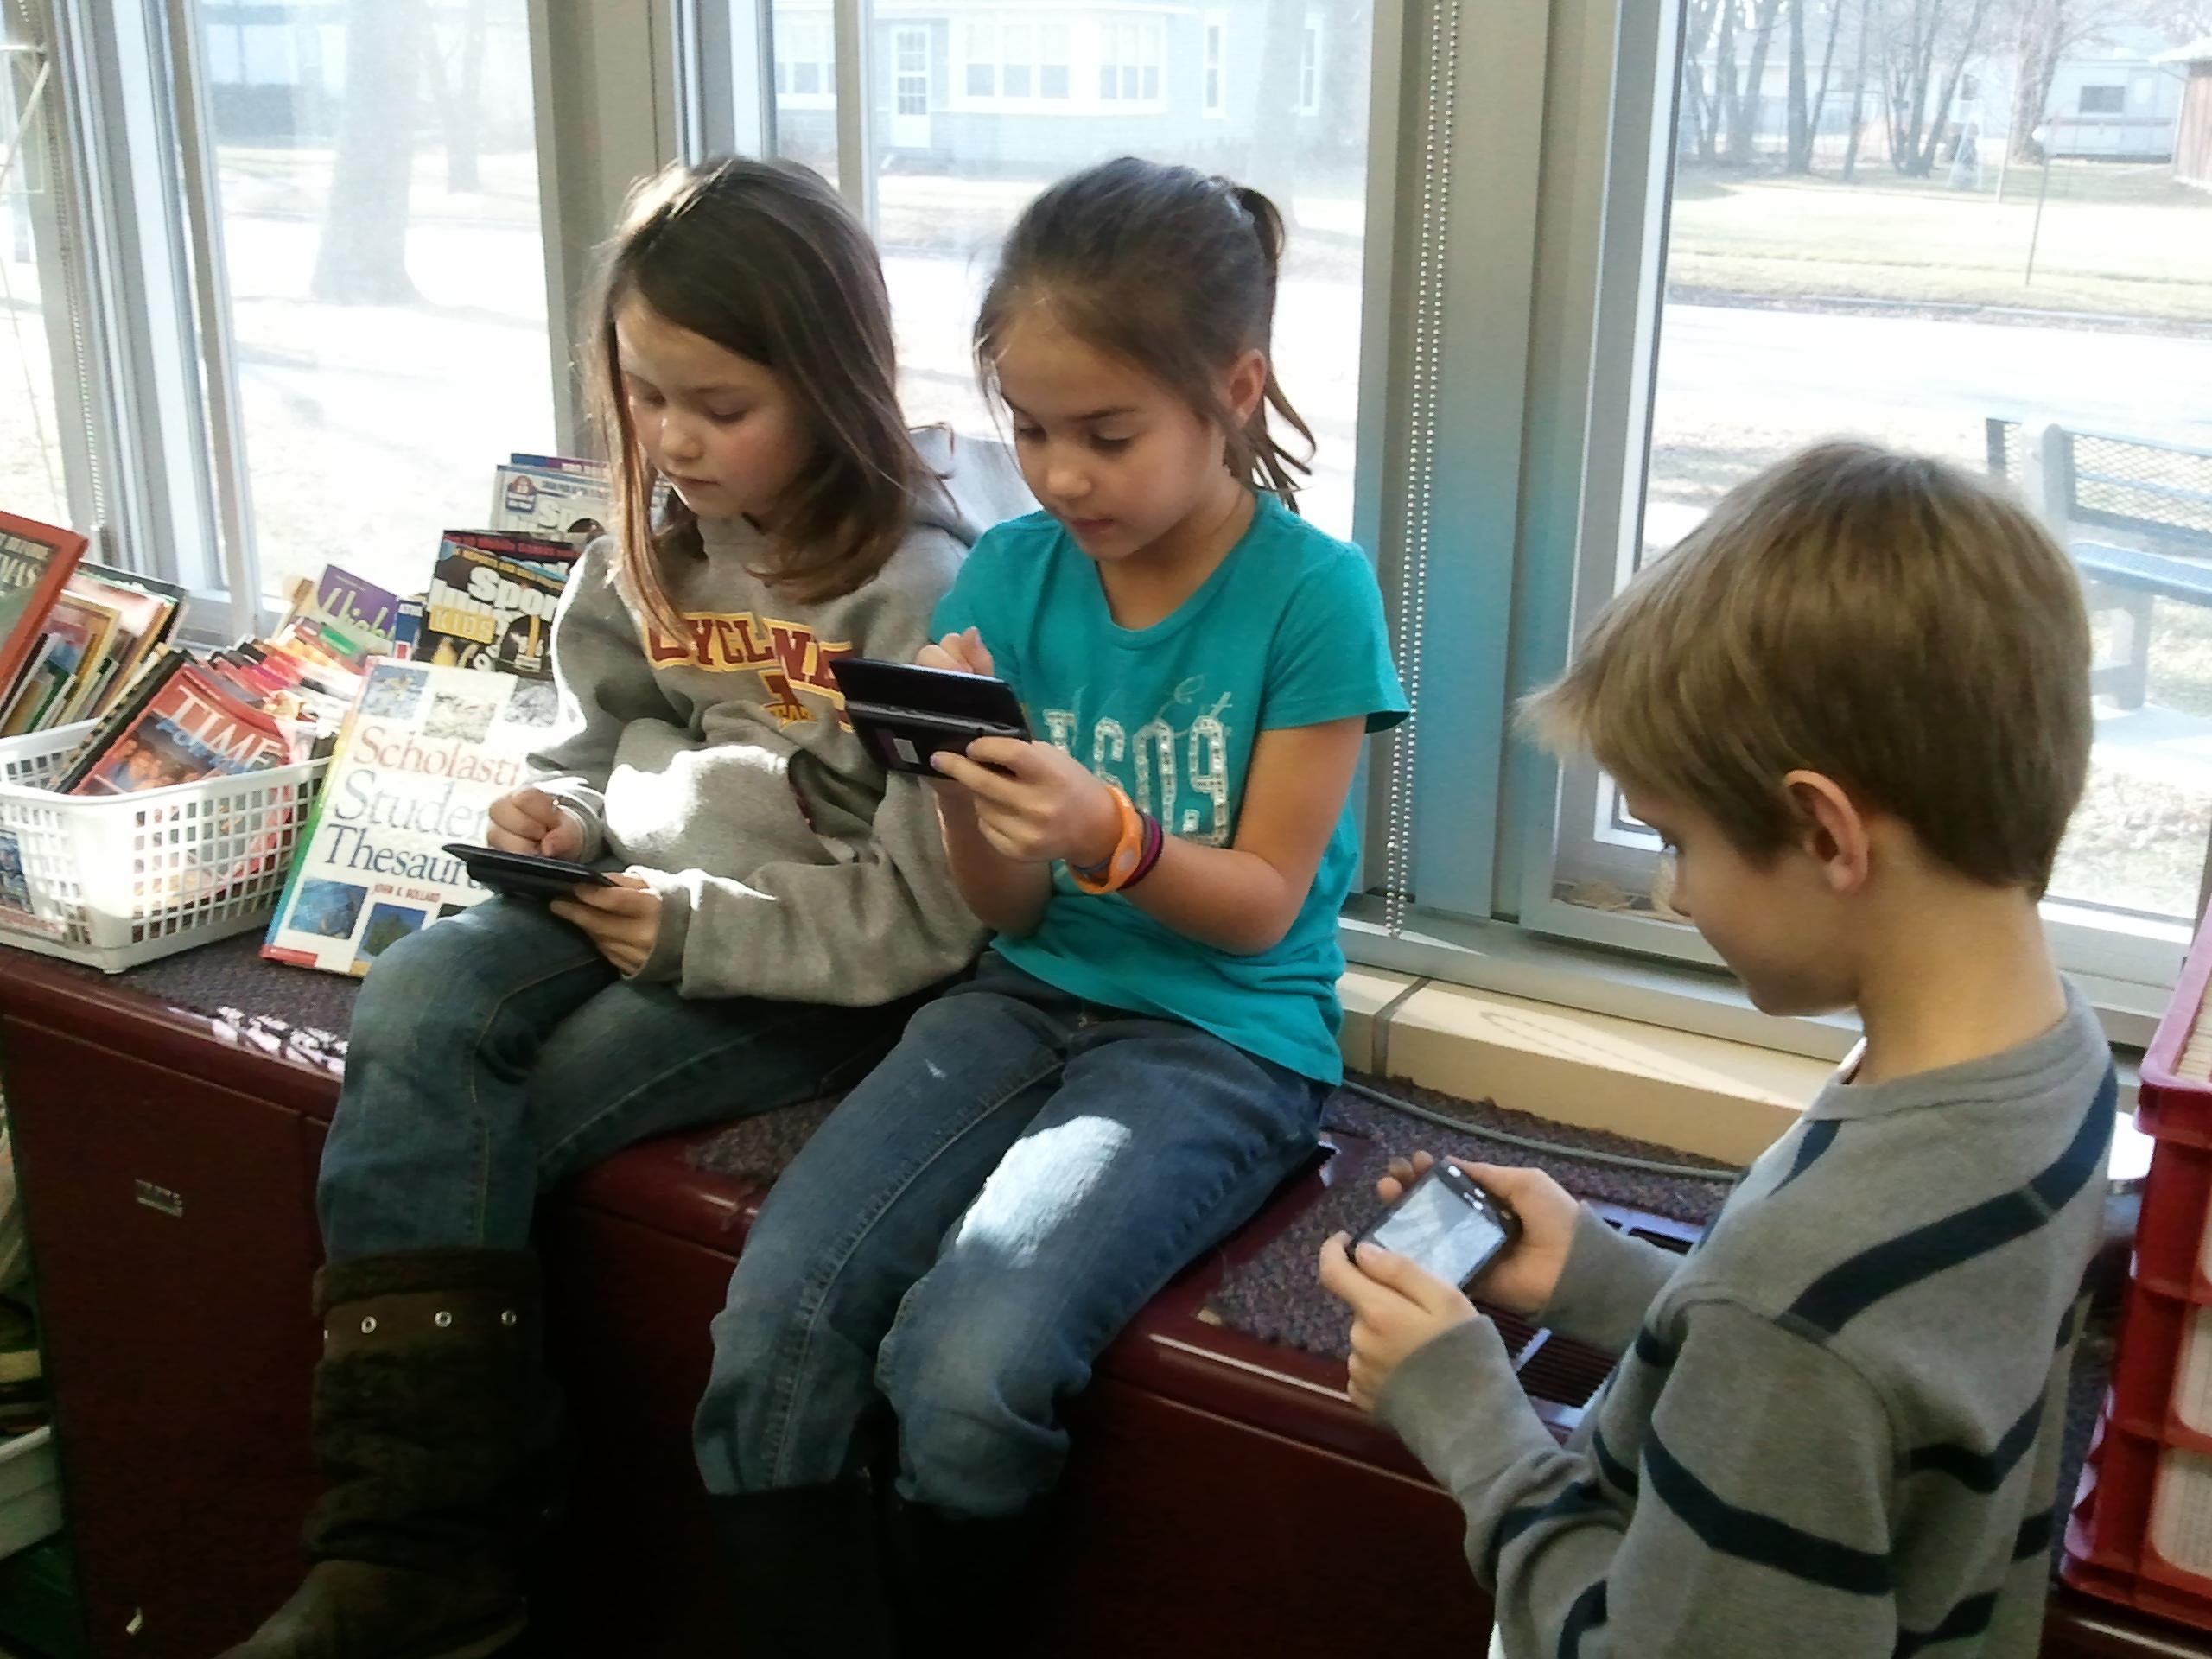 kids on smartphone